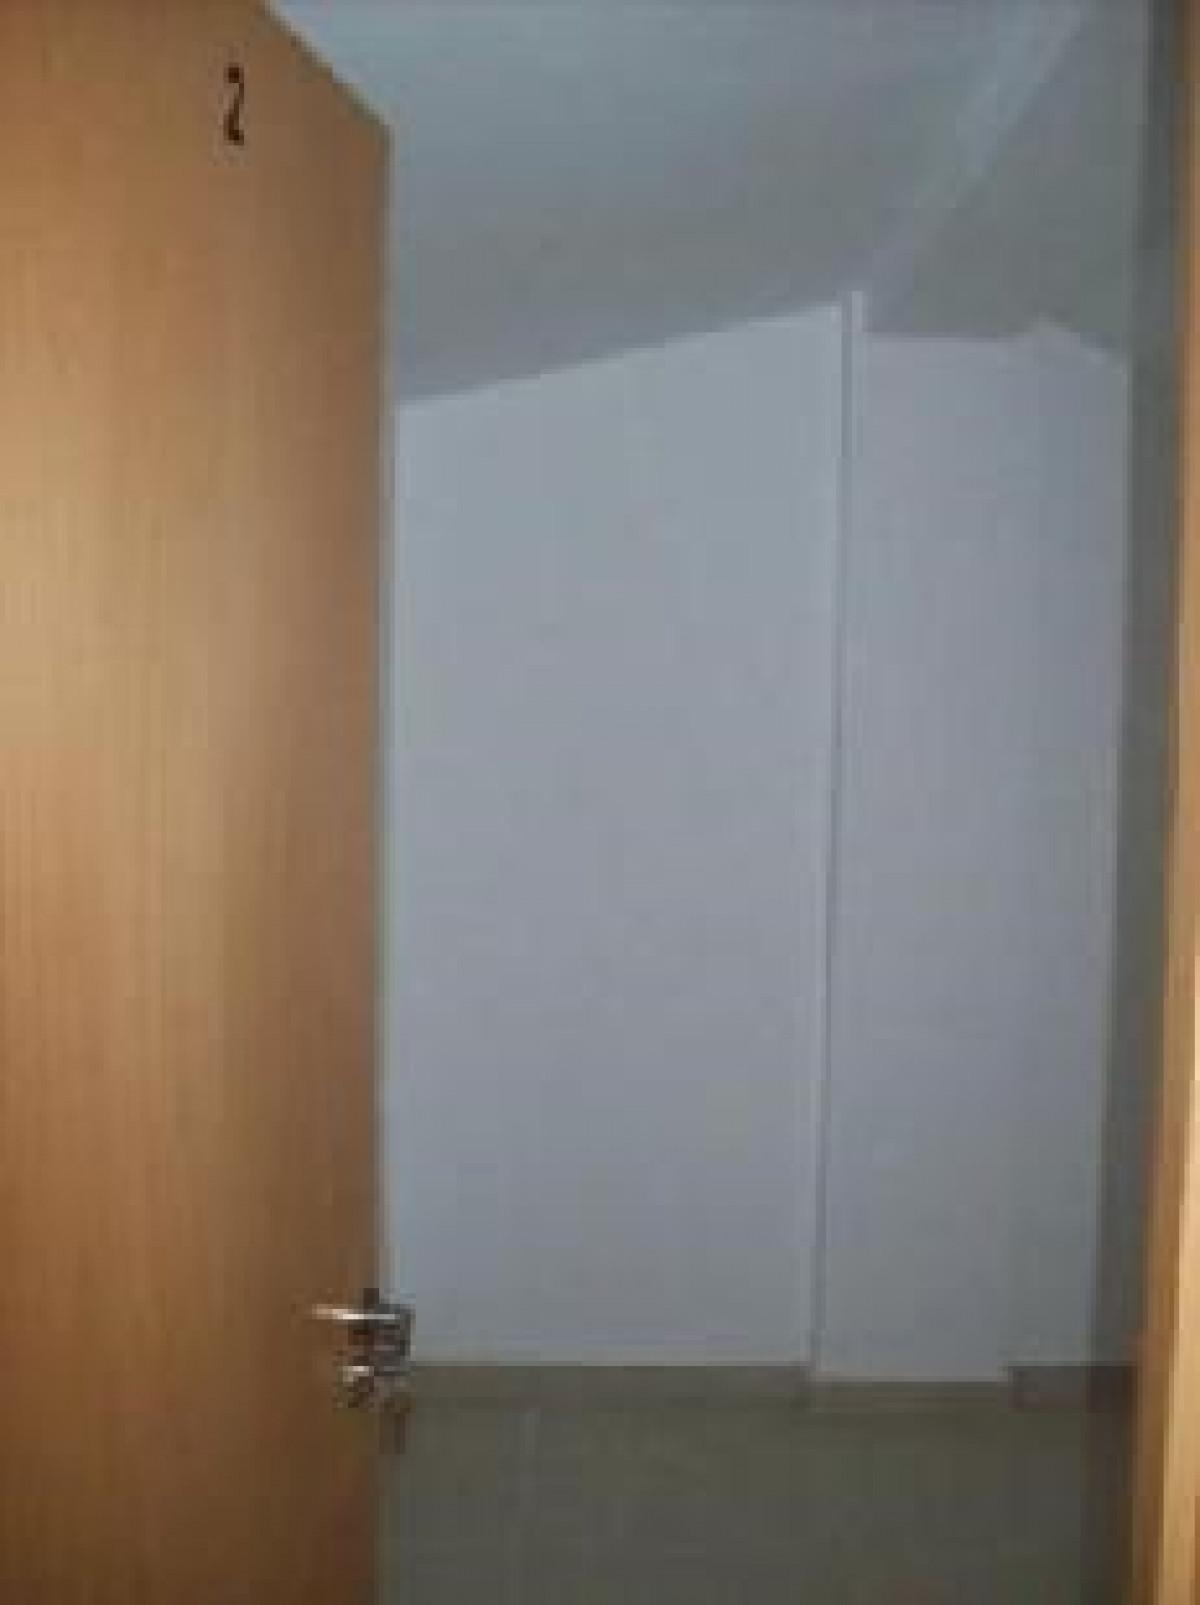 Venta de piso en castalla - imagenInmueble5